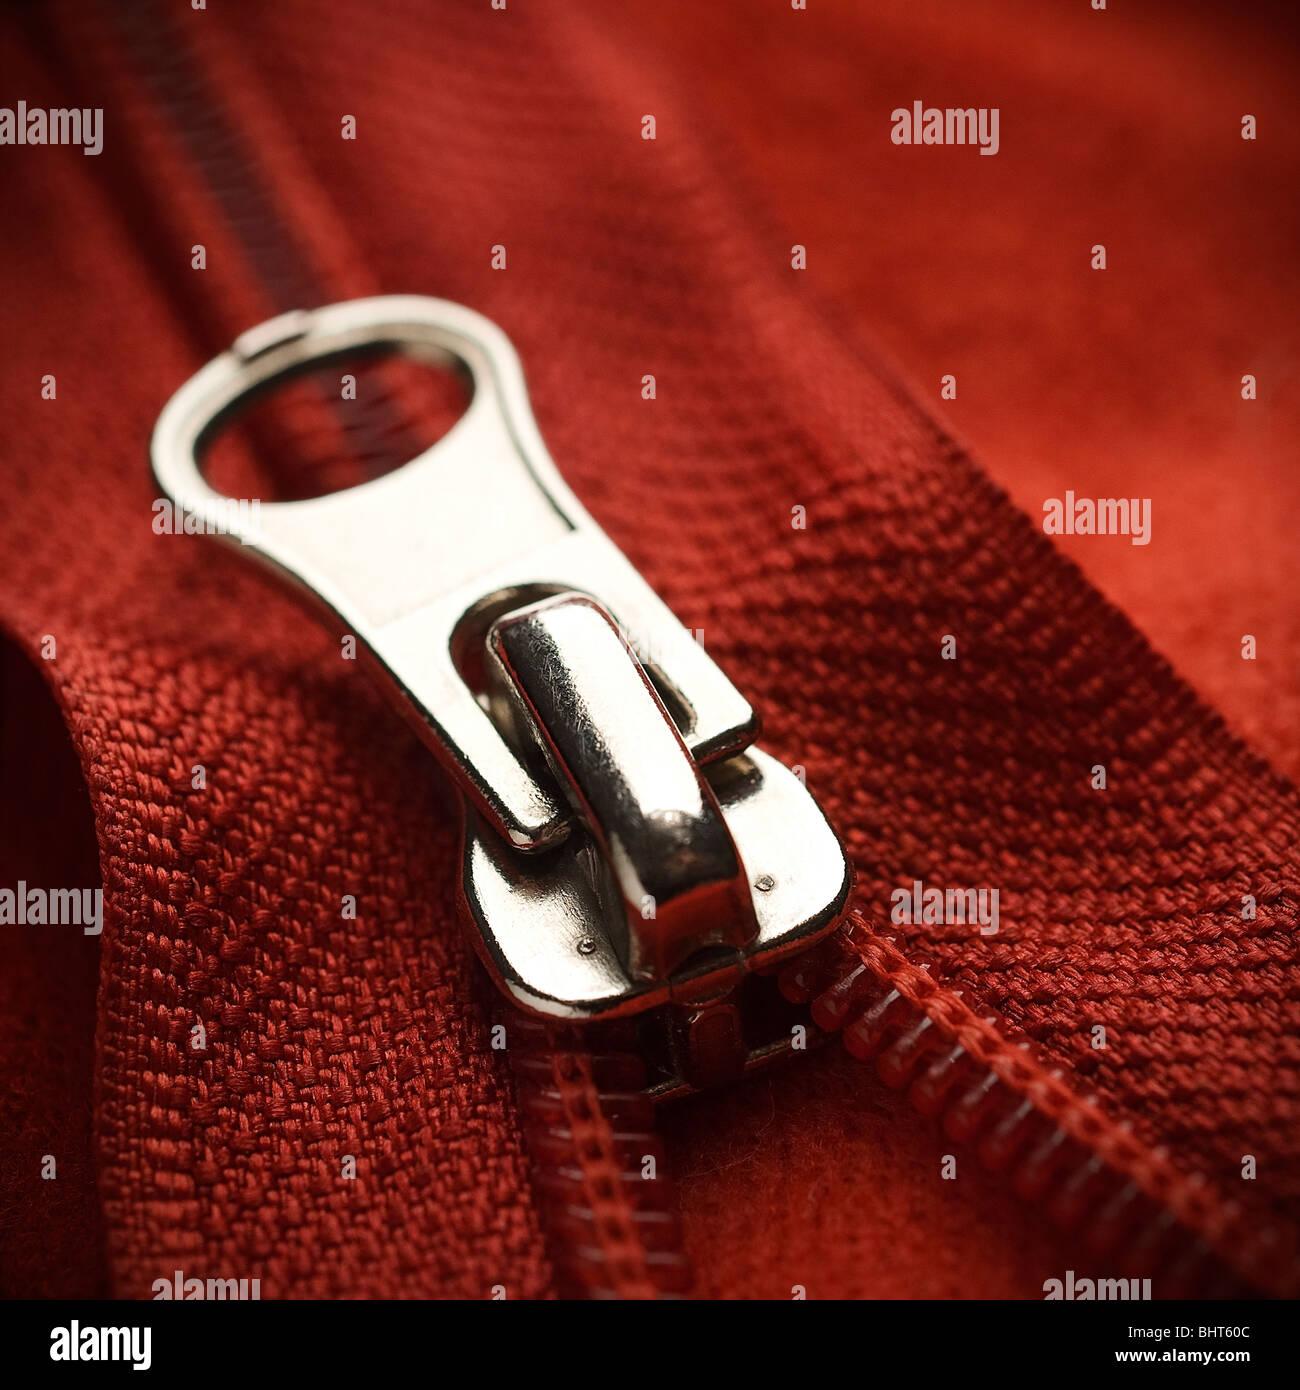 Primo piano di una cerniera lampo rosso Immagini Stock